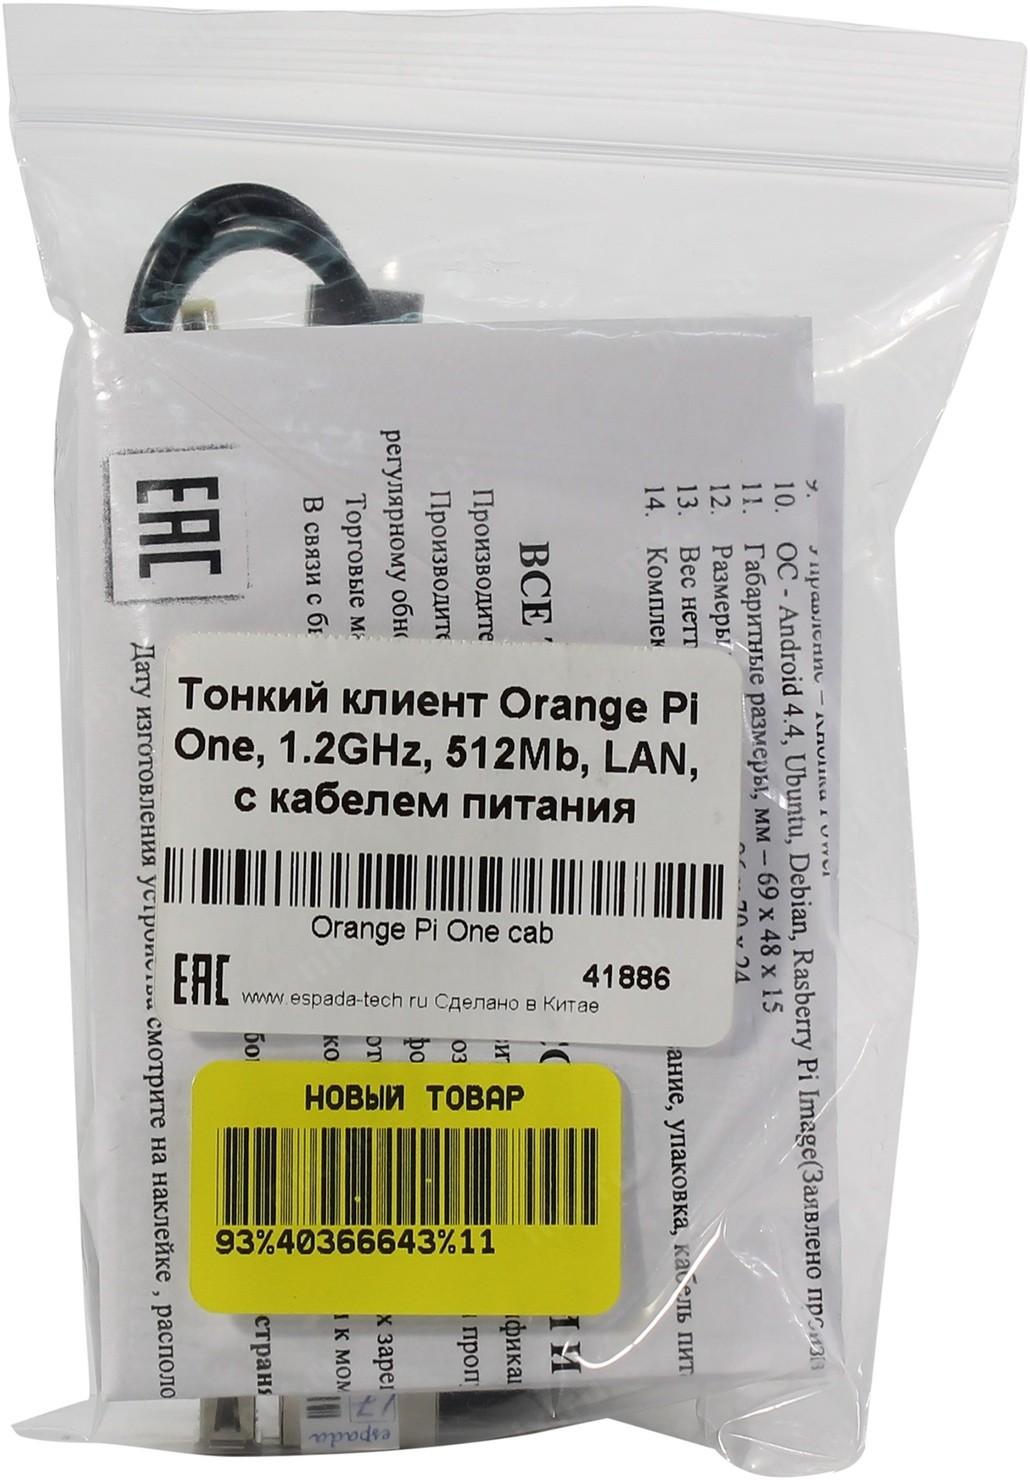 Микрокомпьютер Espada Orange Pi One — купить, цена и характеристики